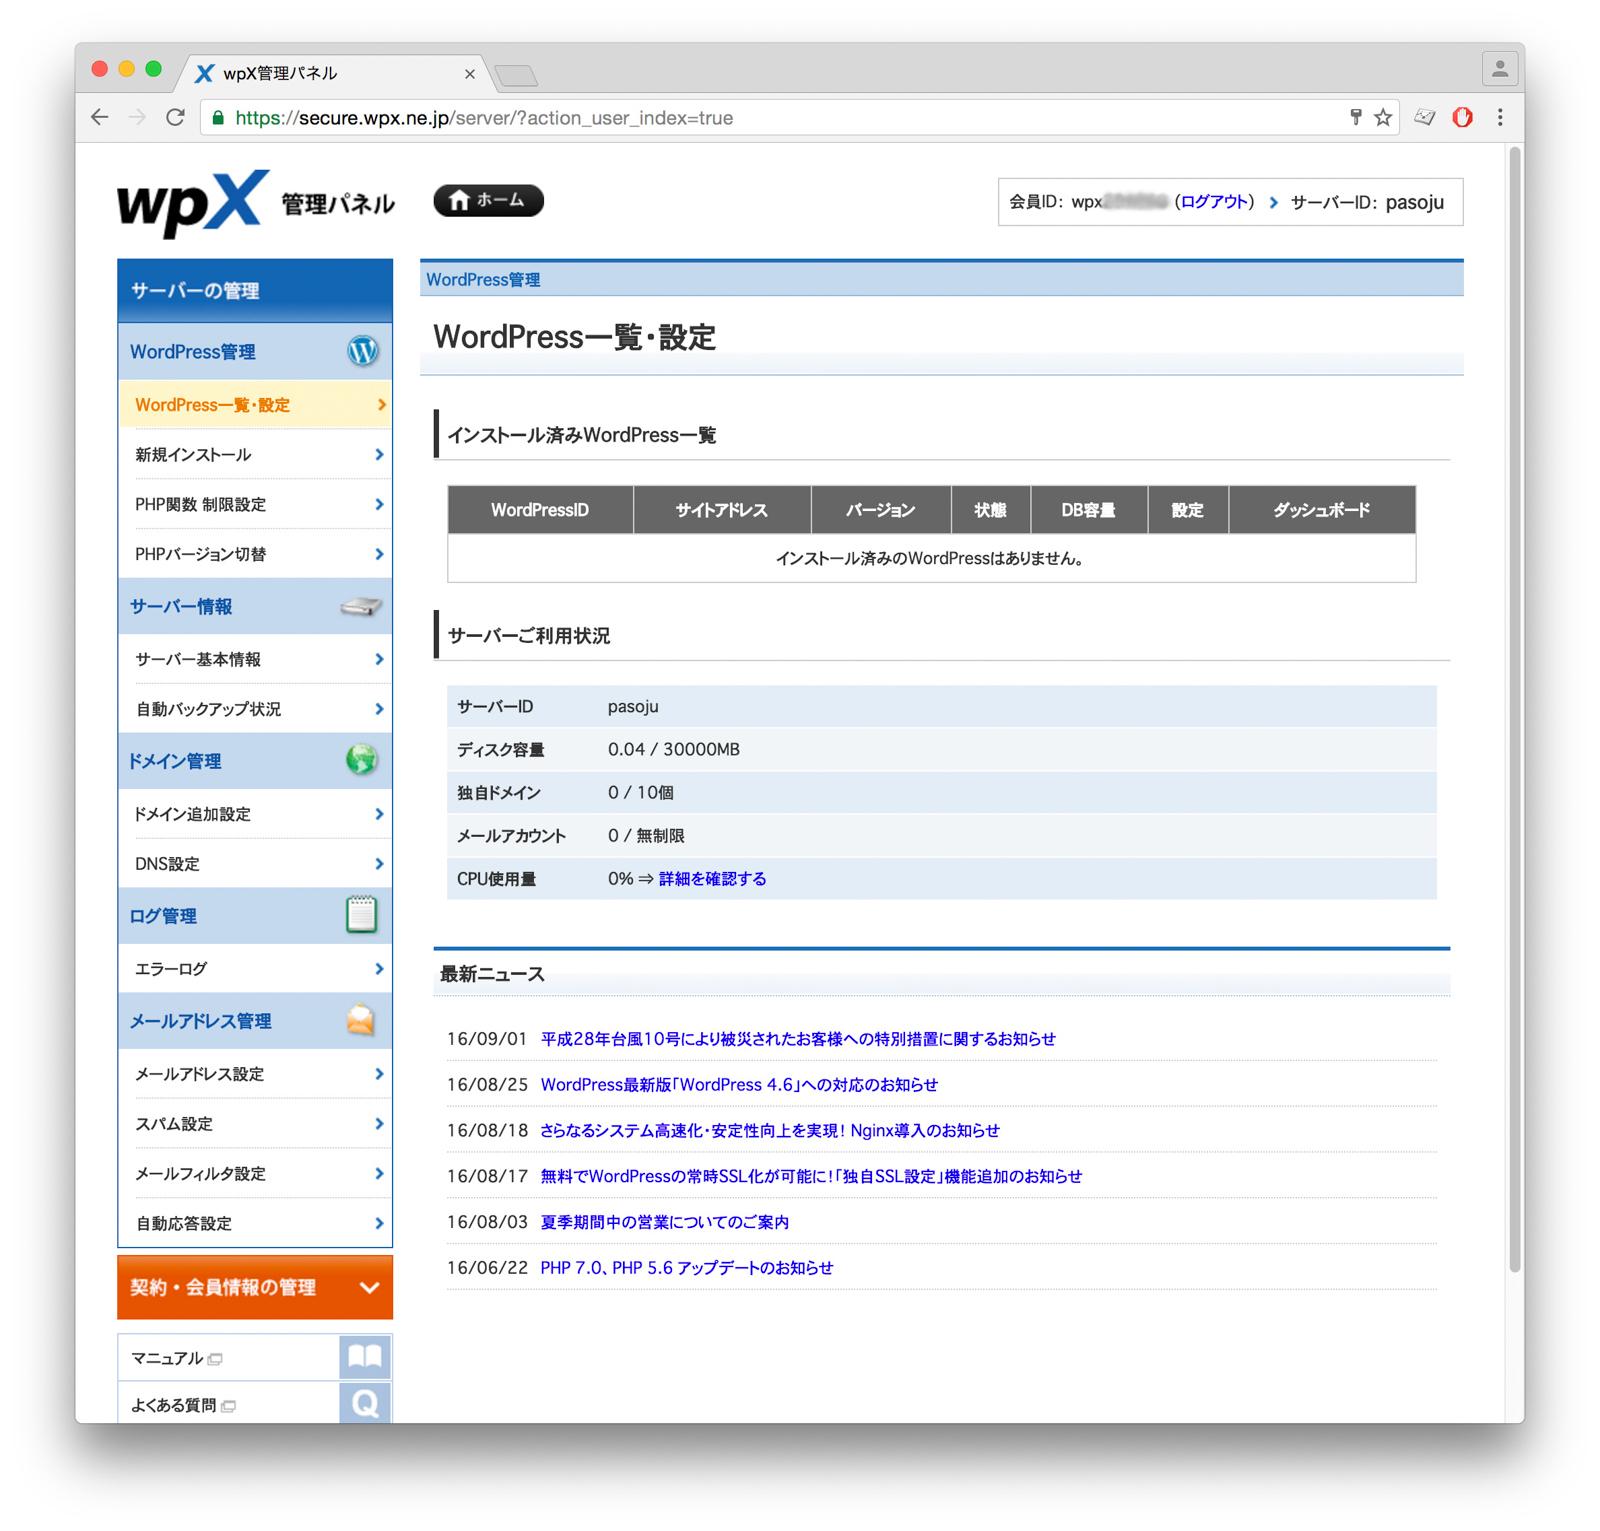 wpXレンタルサーバー お試し期間の開始